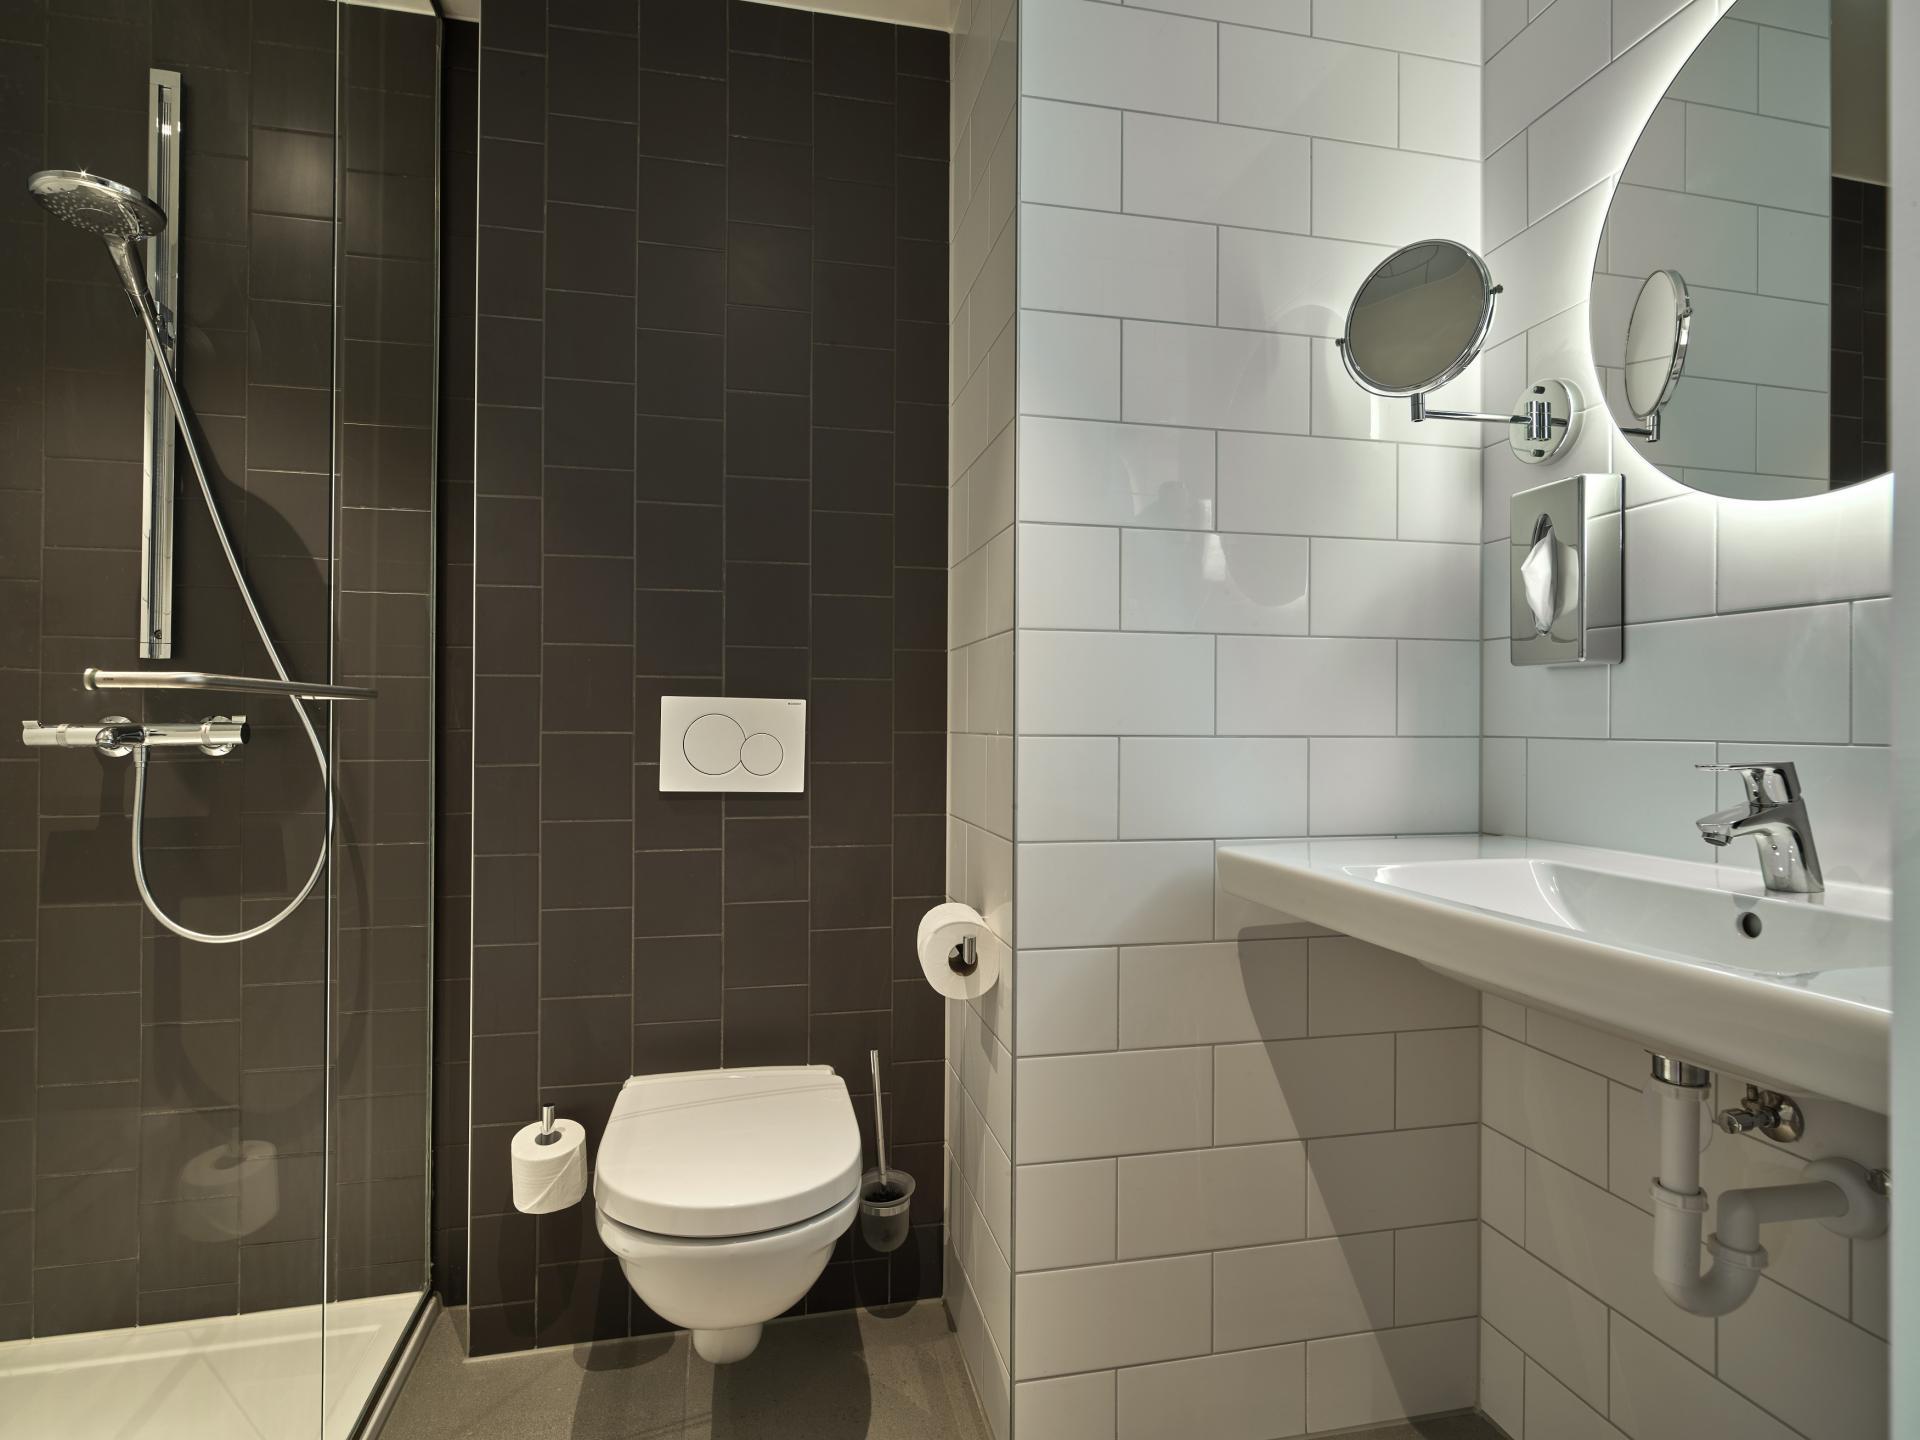 Bathroom at The Garden Apartments - Citybase Apartments